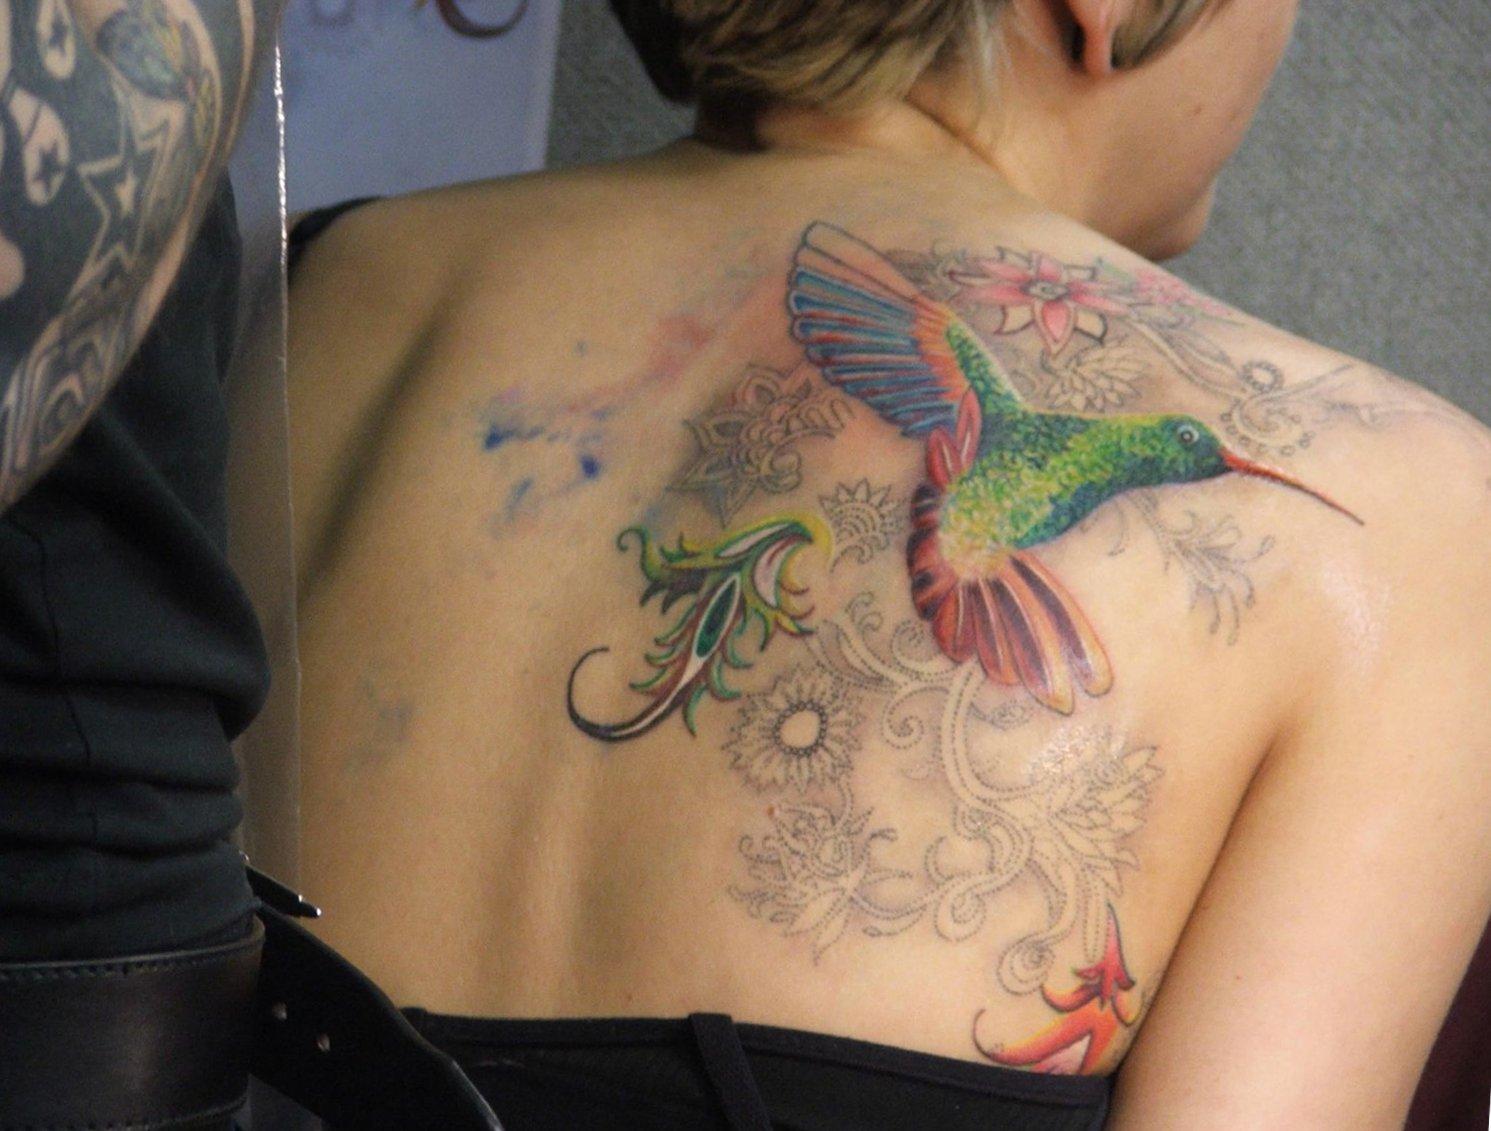 Kolibri Tattoo Motive und deren Bedeutung alletattoo.de 2